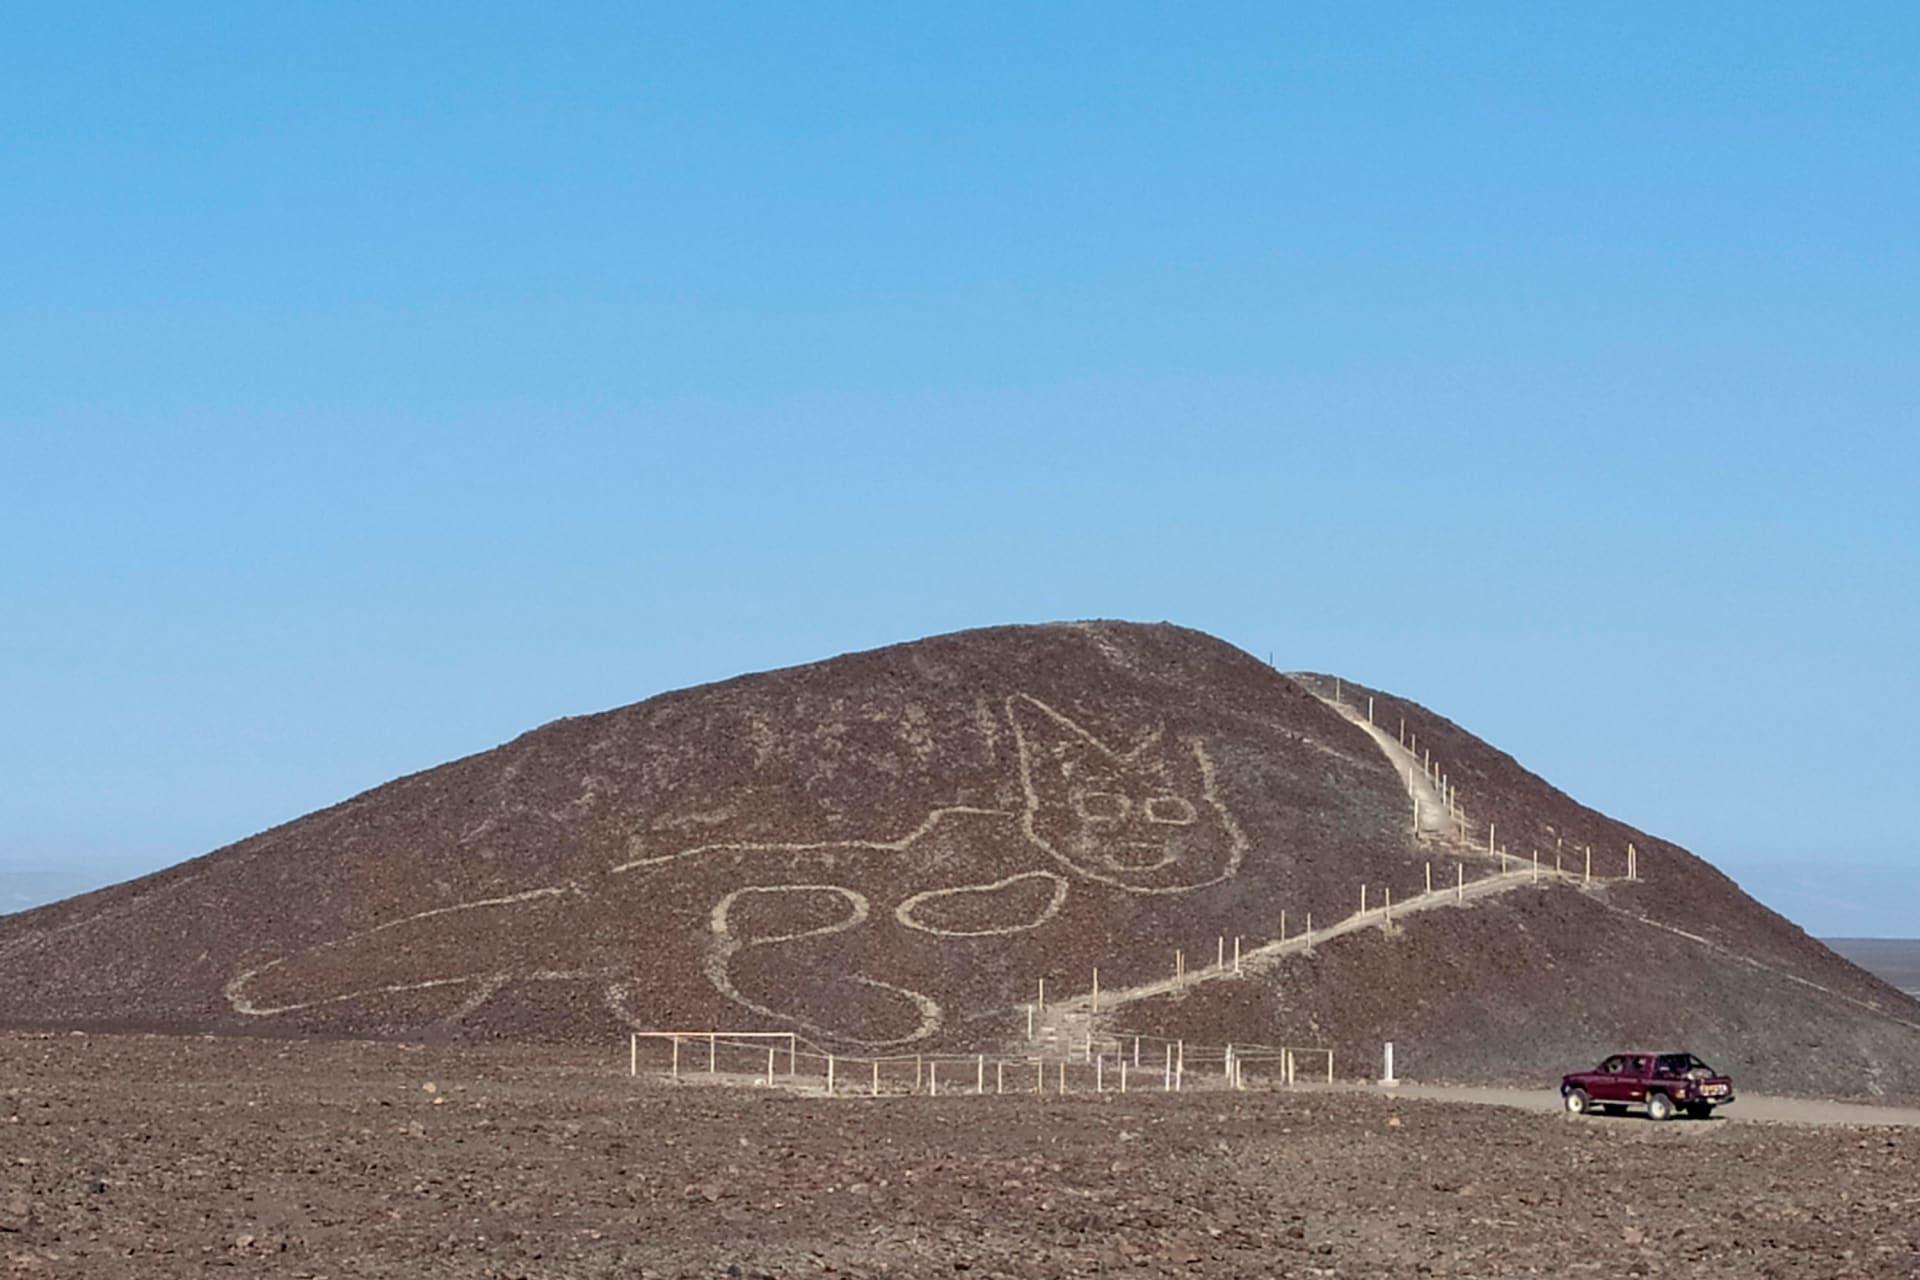 بين خطوط نازكا الغامضة في بيرو.. اكتشاف رسمة لقطة عملاقة نقشت قبل ألفين عام